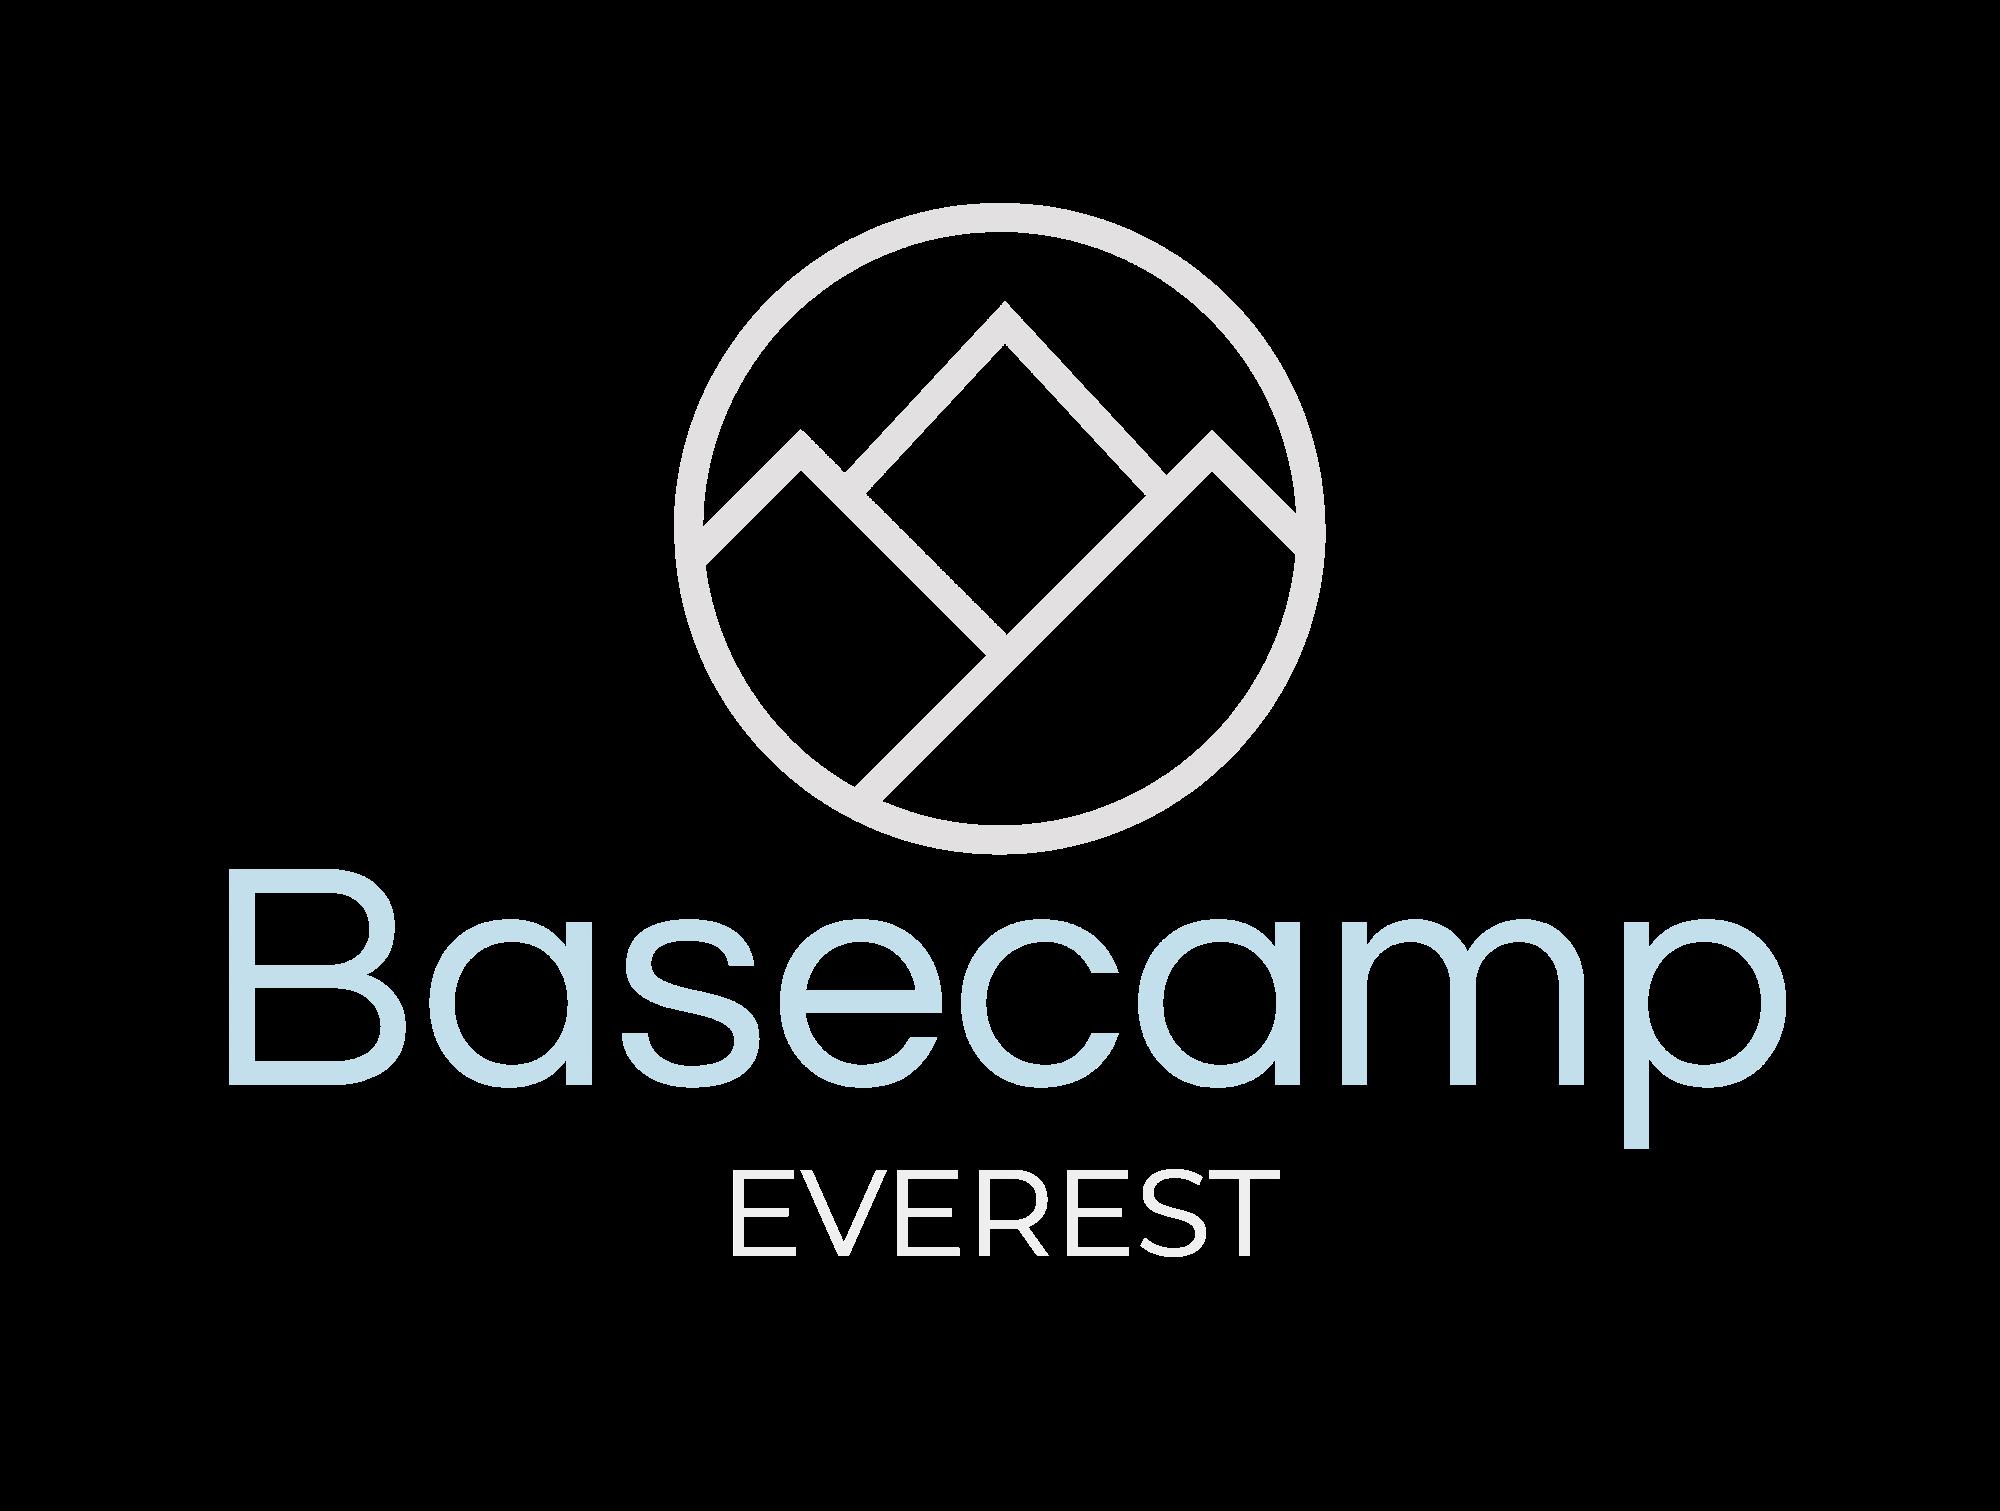 Basecamp-logo (1).png